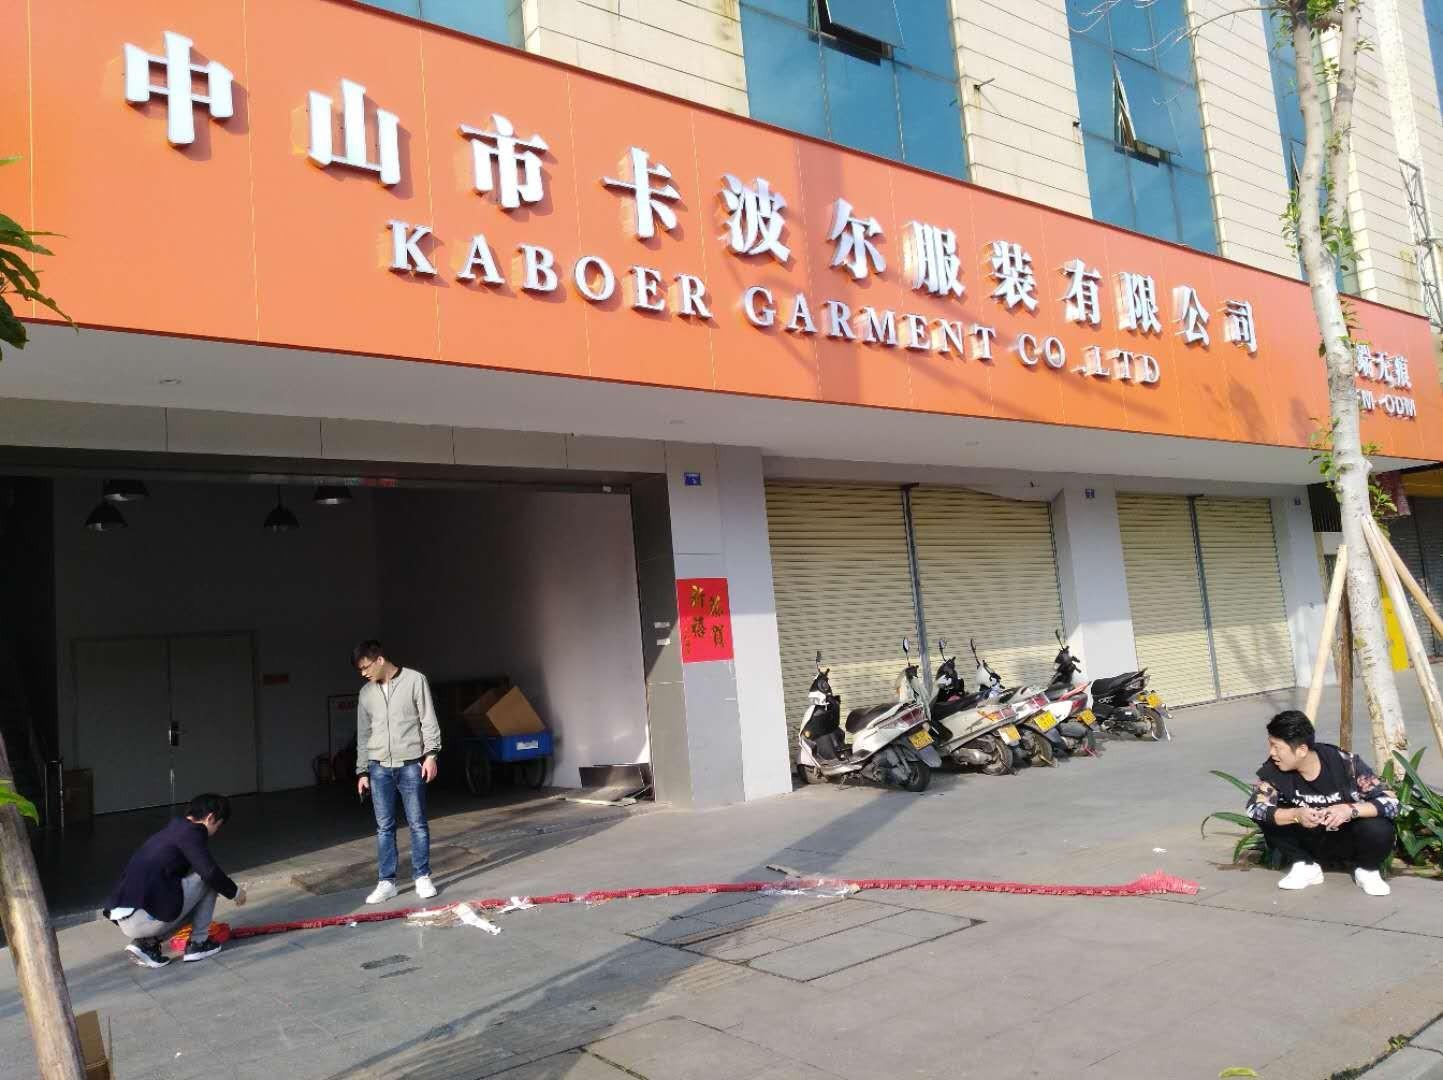 中山市卡波爾服裝有限公司_才通國際人才網_job001.cn